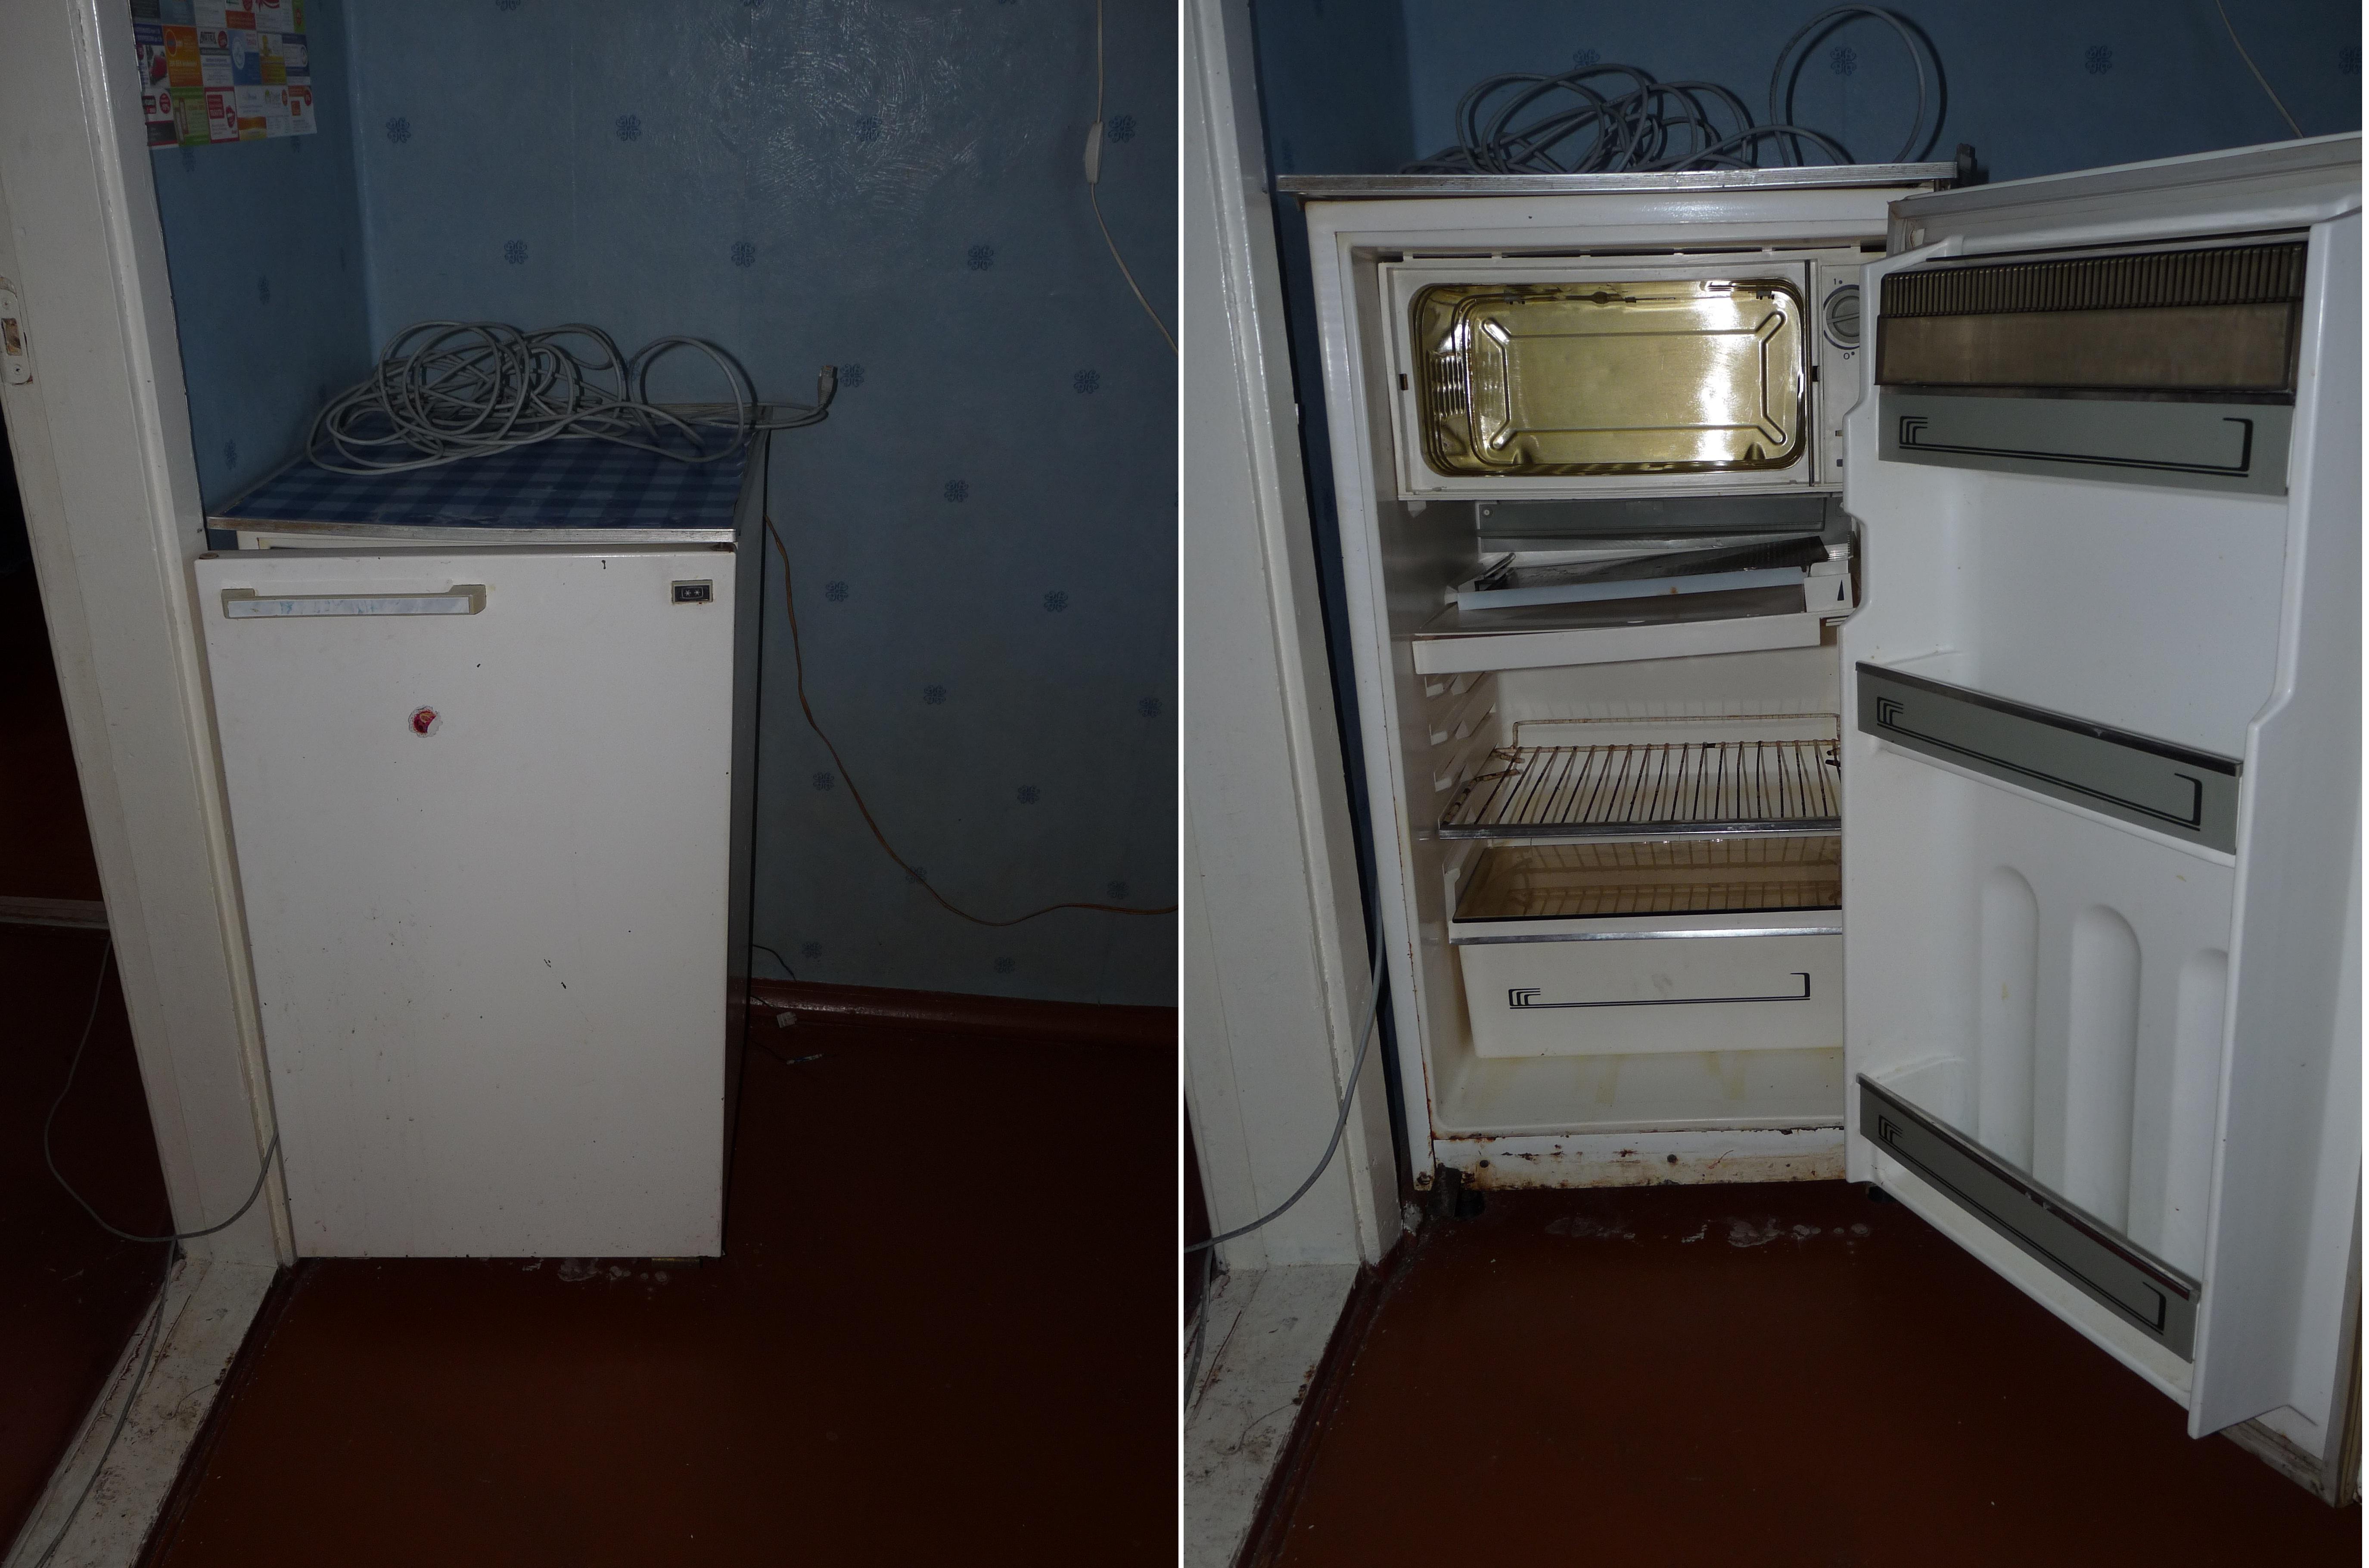 یخچال های قدیمی - نمایشگاه اجناس عتیقه و قدیمیبرچسبها: یخچال، قدیمی، آنتیک، عتیقه، فروشی، فروشگاه، کهنه، دست دوم